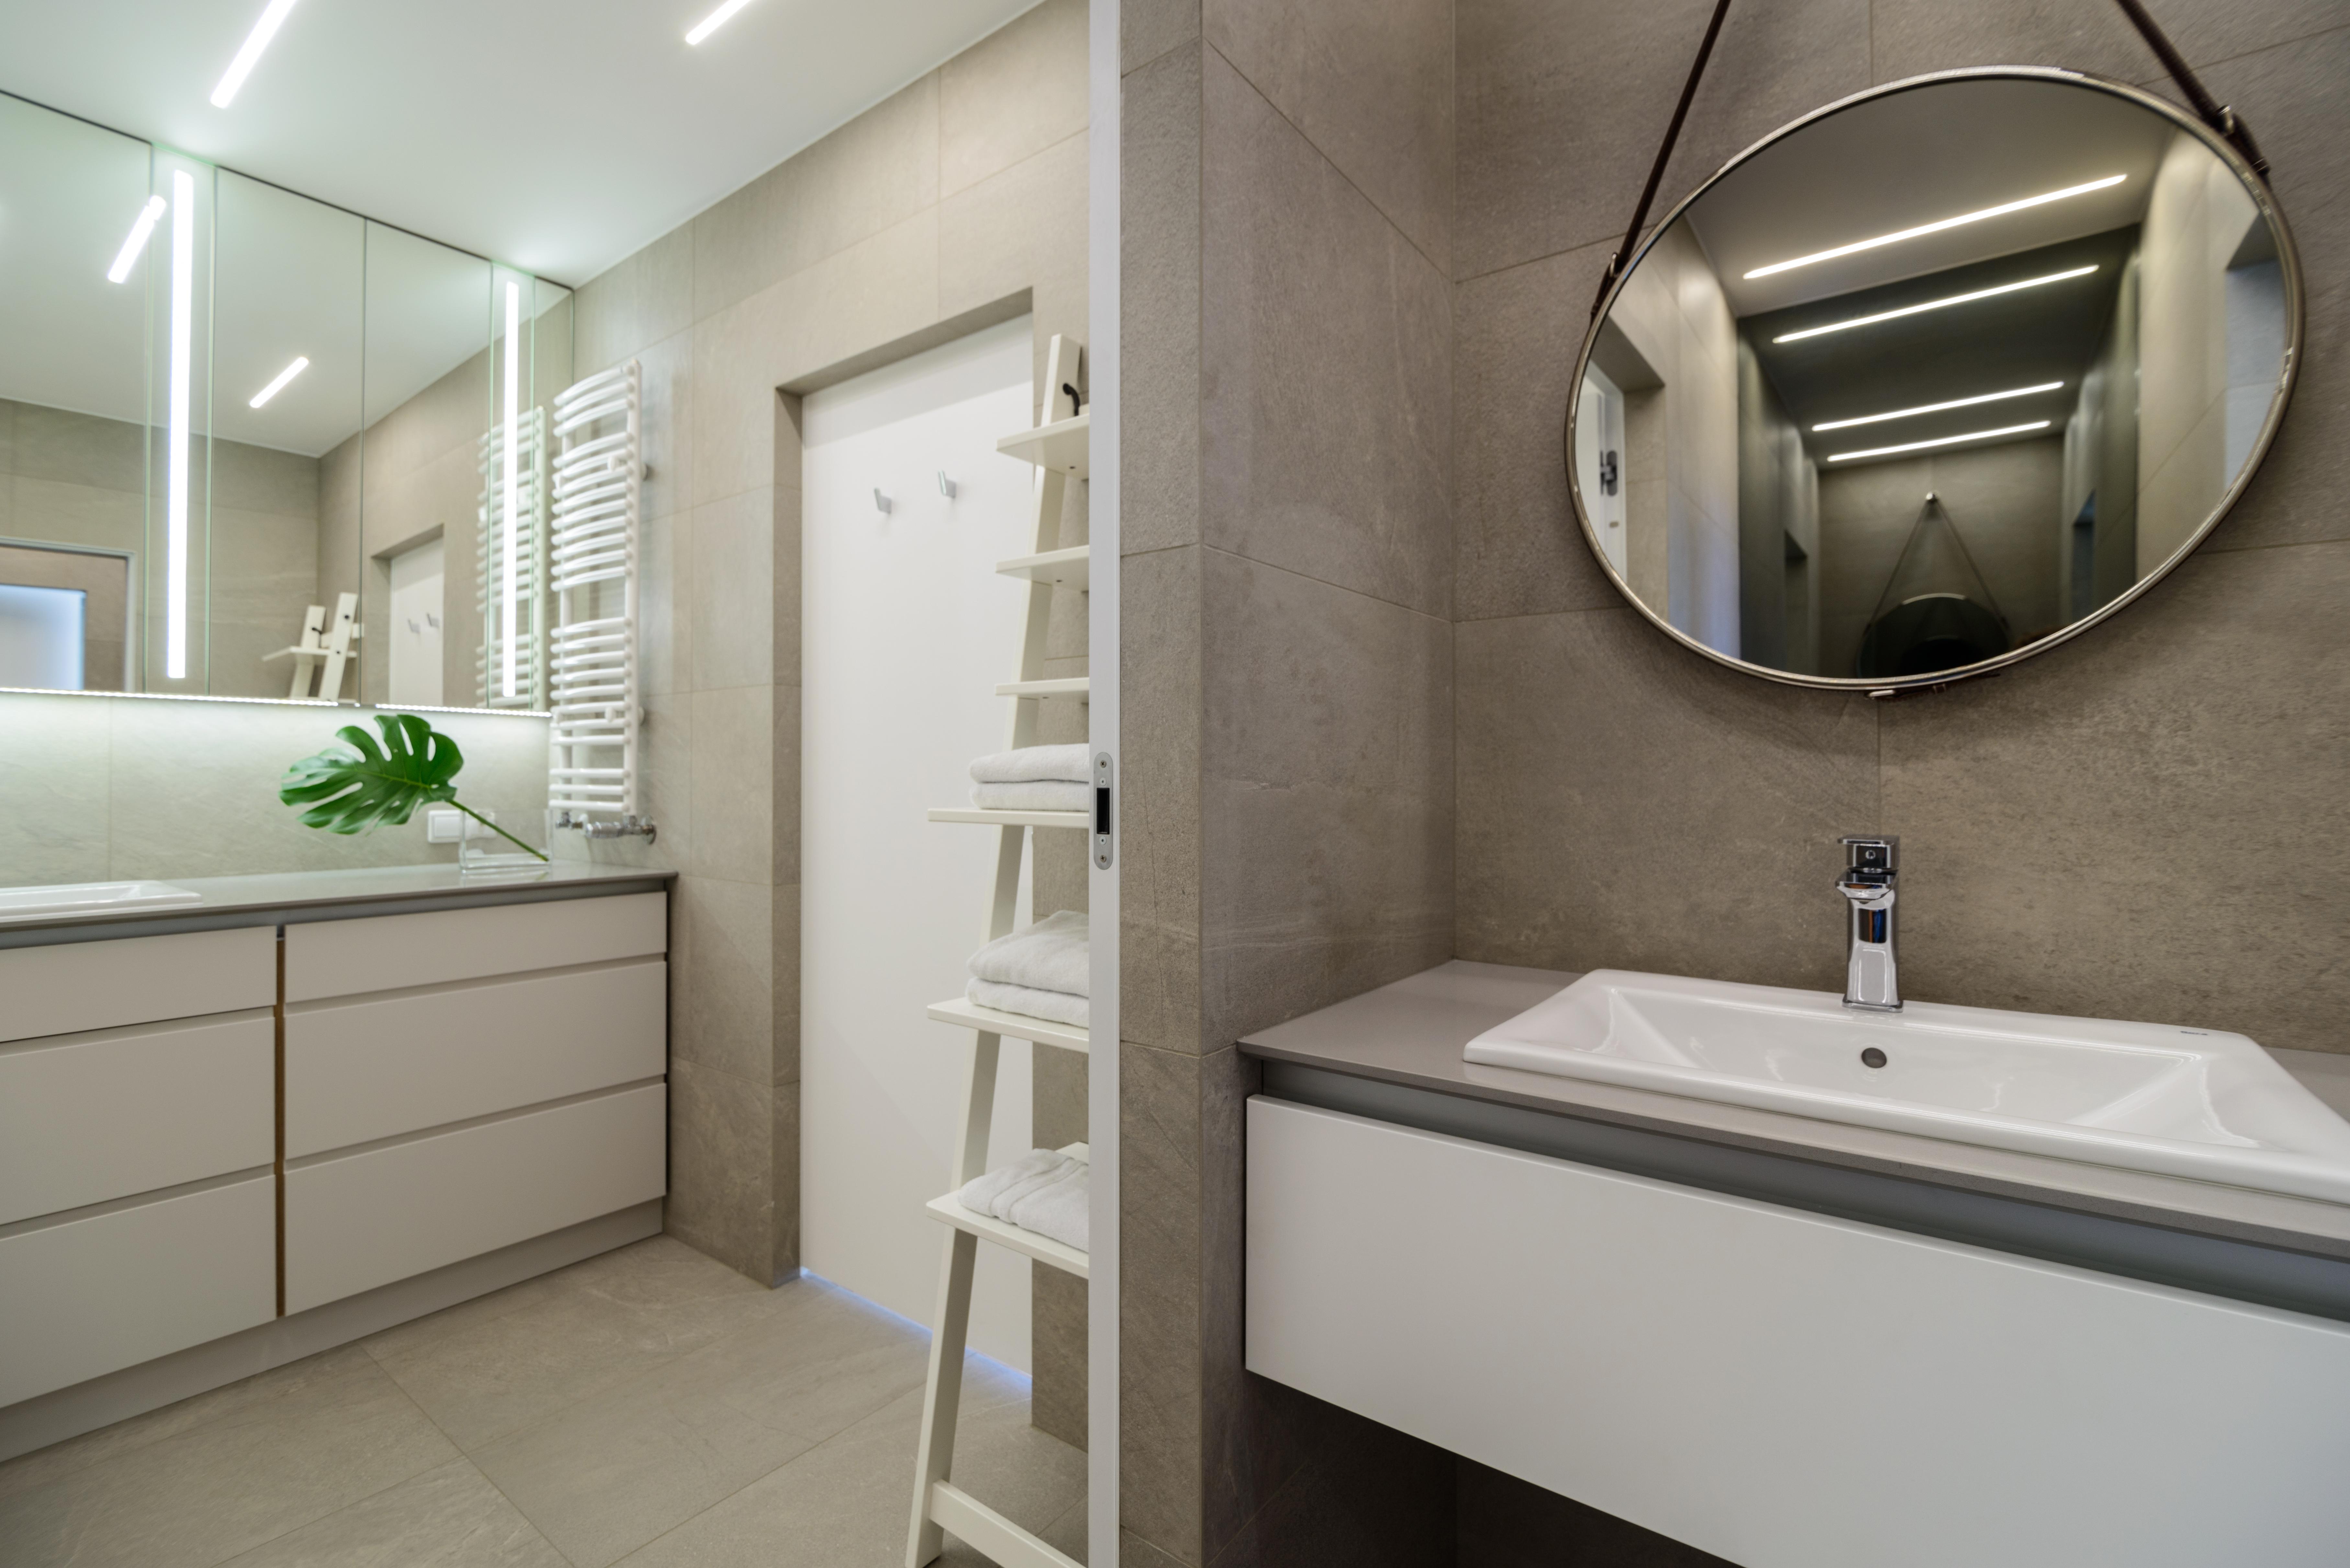 bathroom אמבטיה חדר רחצה